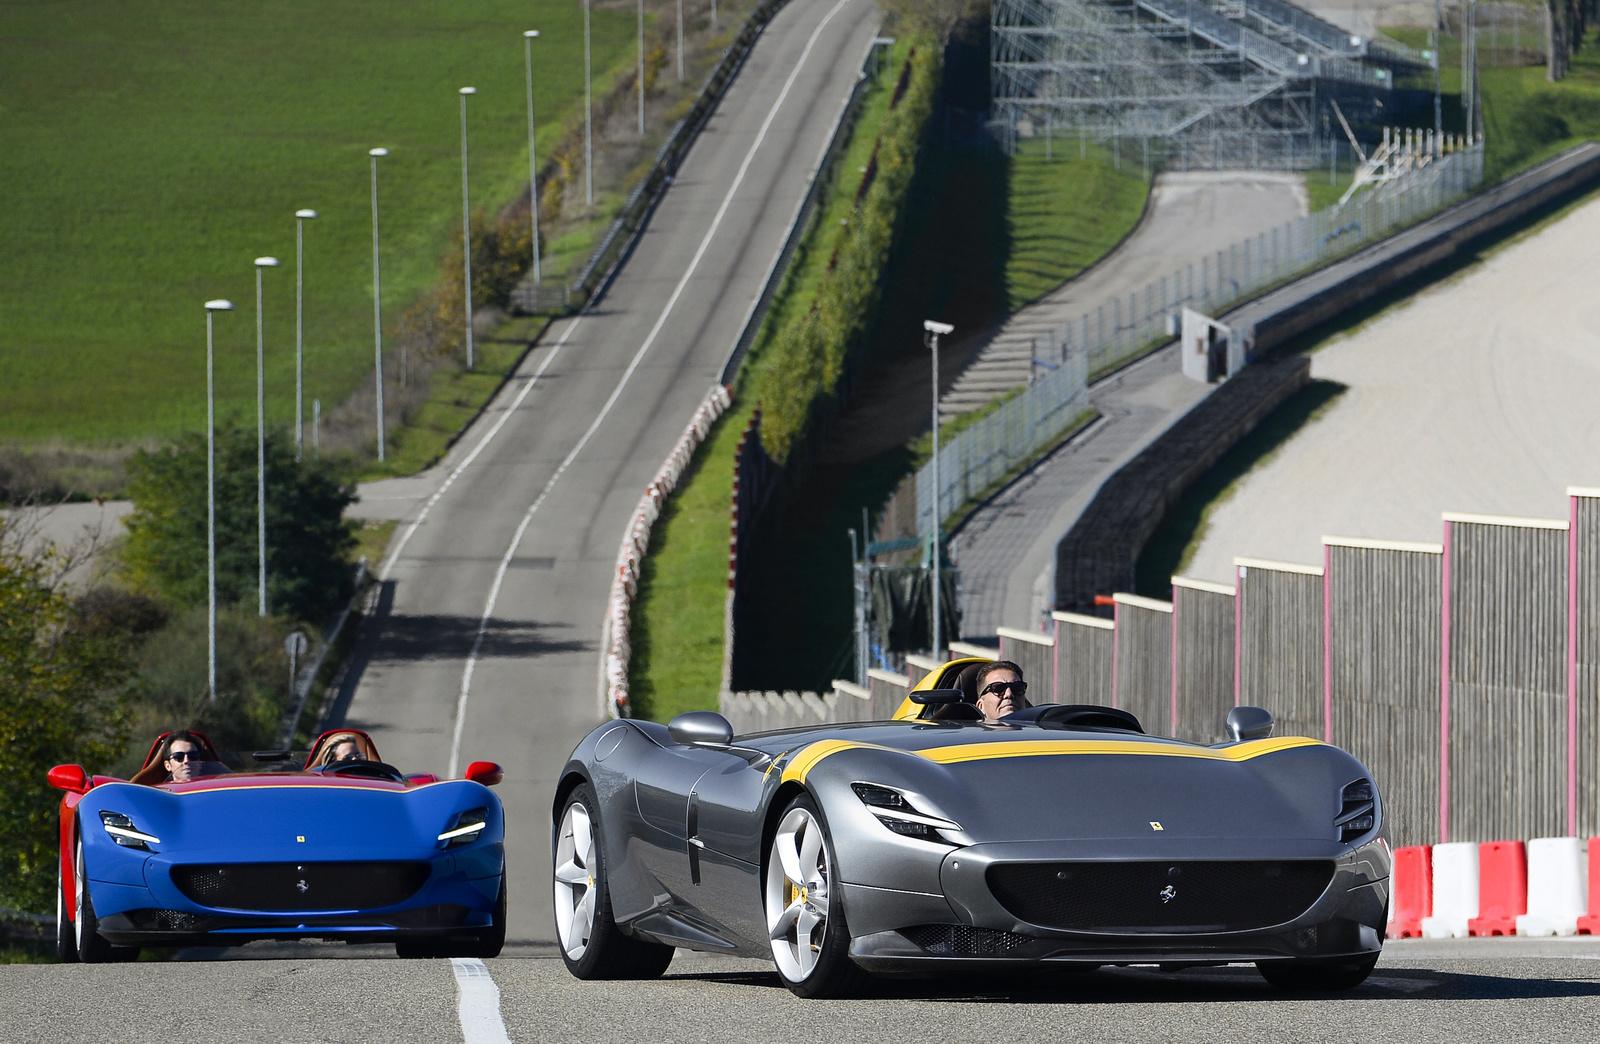 Ferrari Monza SP1 - SP2